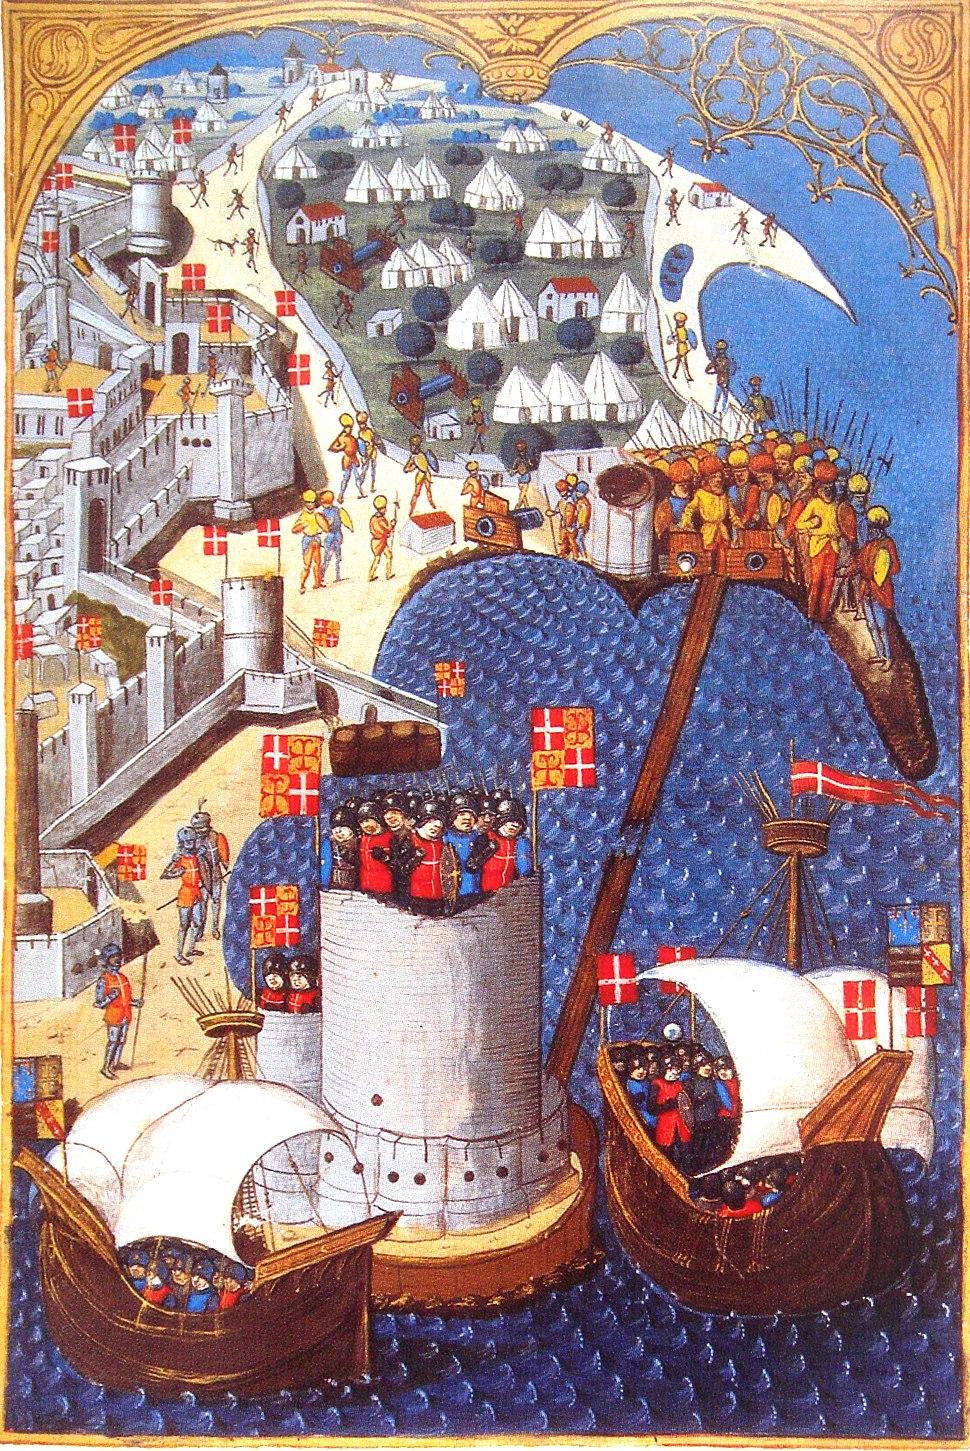 SiegeOfRhodes1480